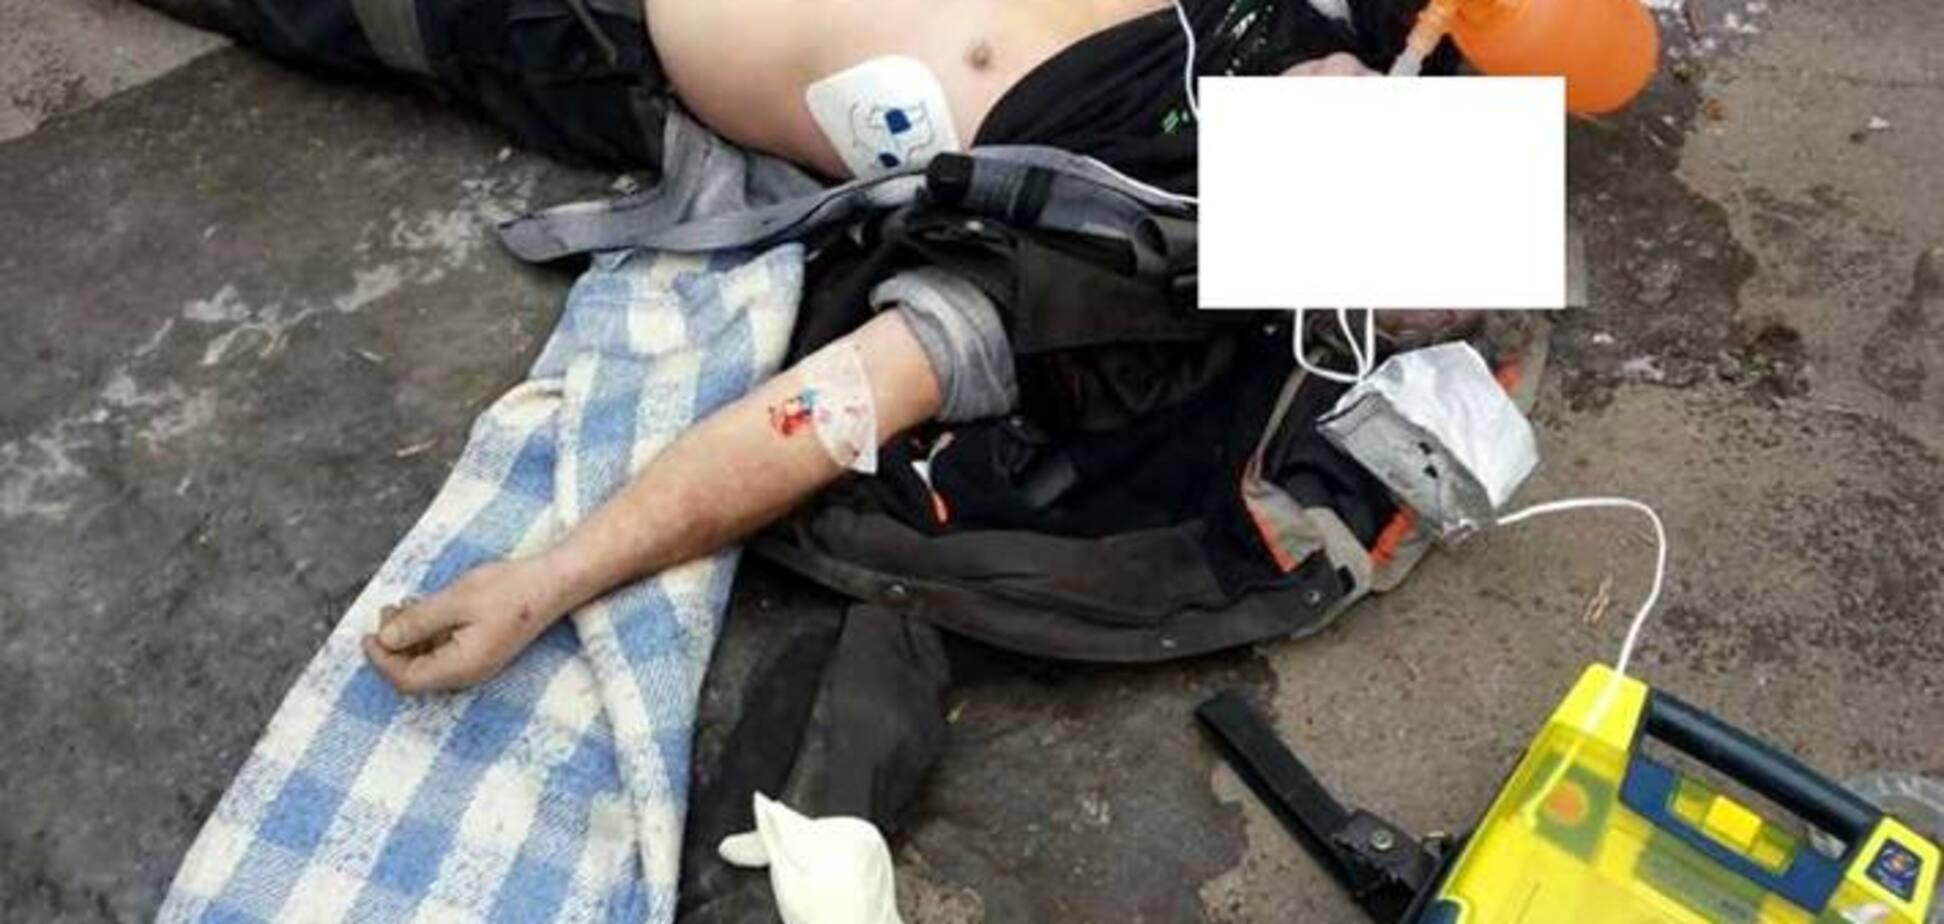 Почему в Киеве умирают люди: парамедик описал вопиющий случай со 'скорой'